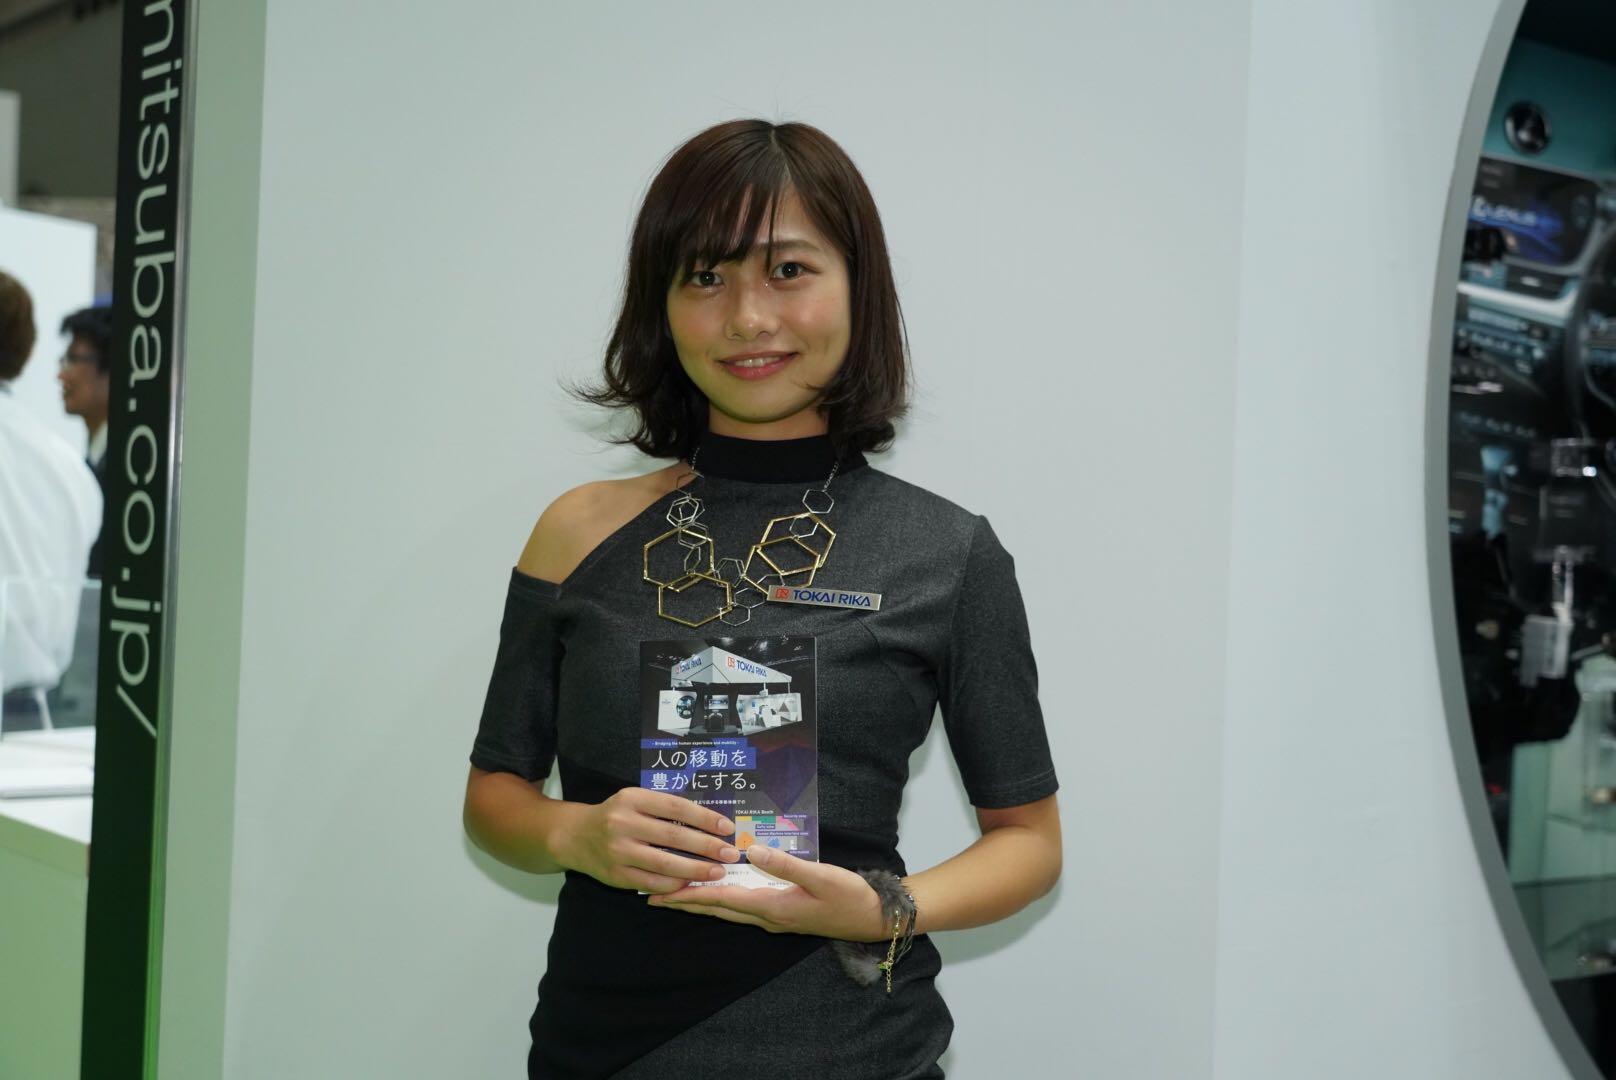 東海理化 東京モーターショー2019 コンパニオン